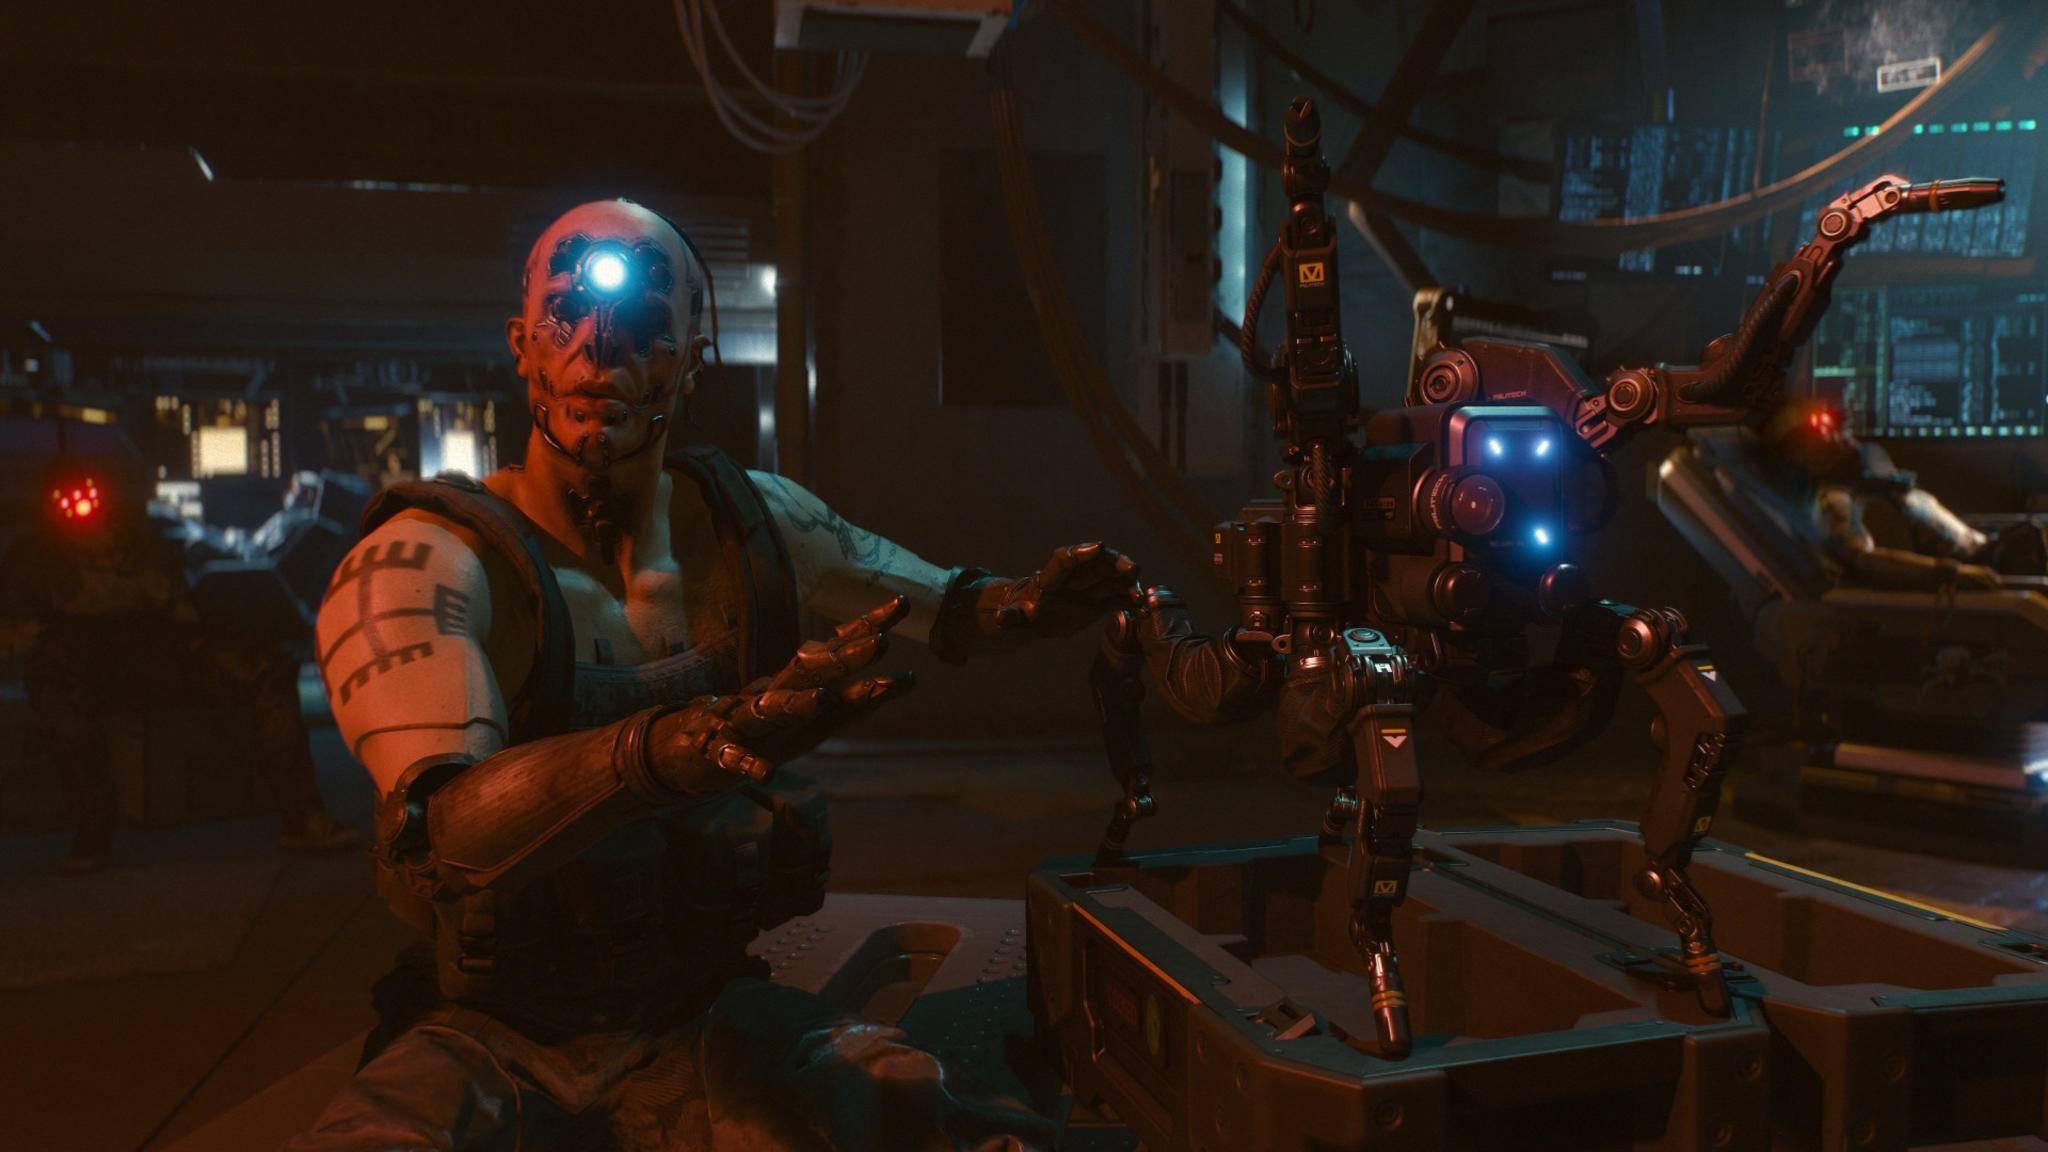 """Nur gucken, nicht anfassen: Auf der Gamescom wird """"Cyberpunk 2077"""" nur hinter den Kulissen gezeigt."""